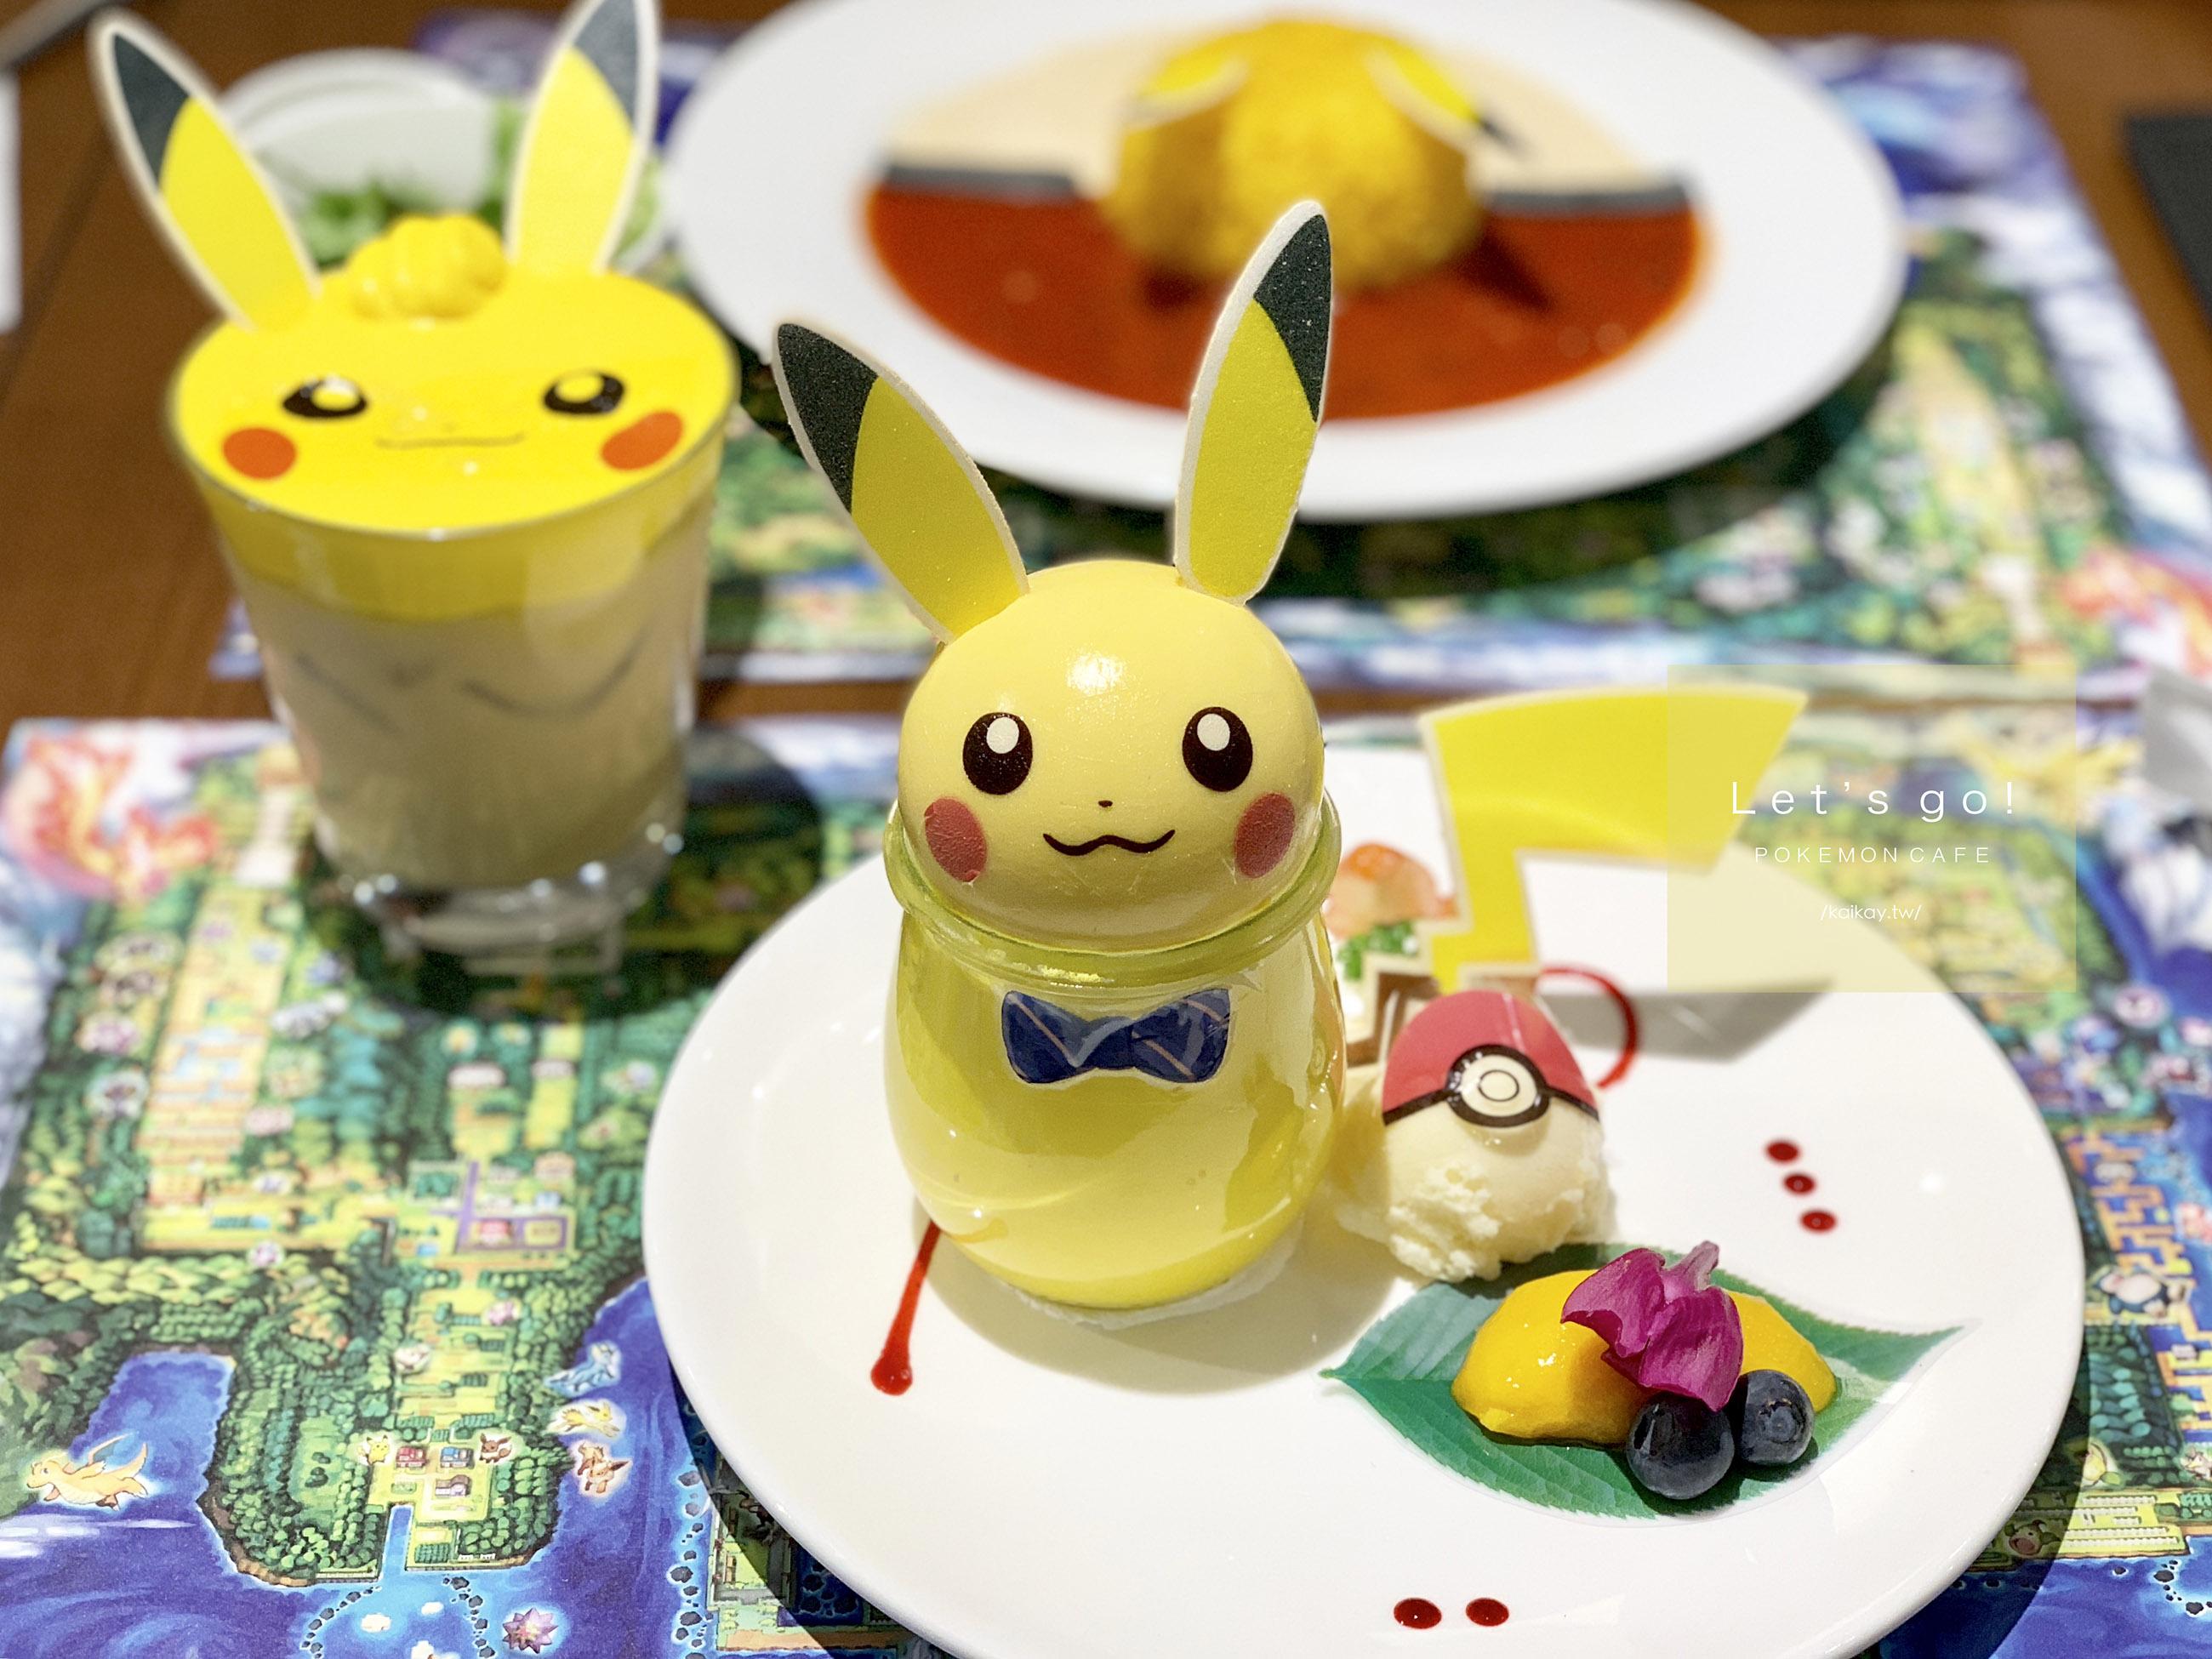 ☆【2019。大阪】「去吧!皮卡丘&伊布」。期間限定精靈寶可夢Let's go咖啡廳 @凱的日本食尚日記